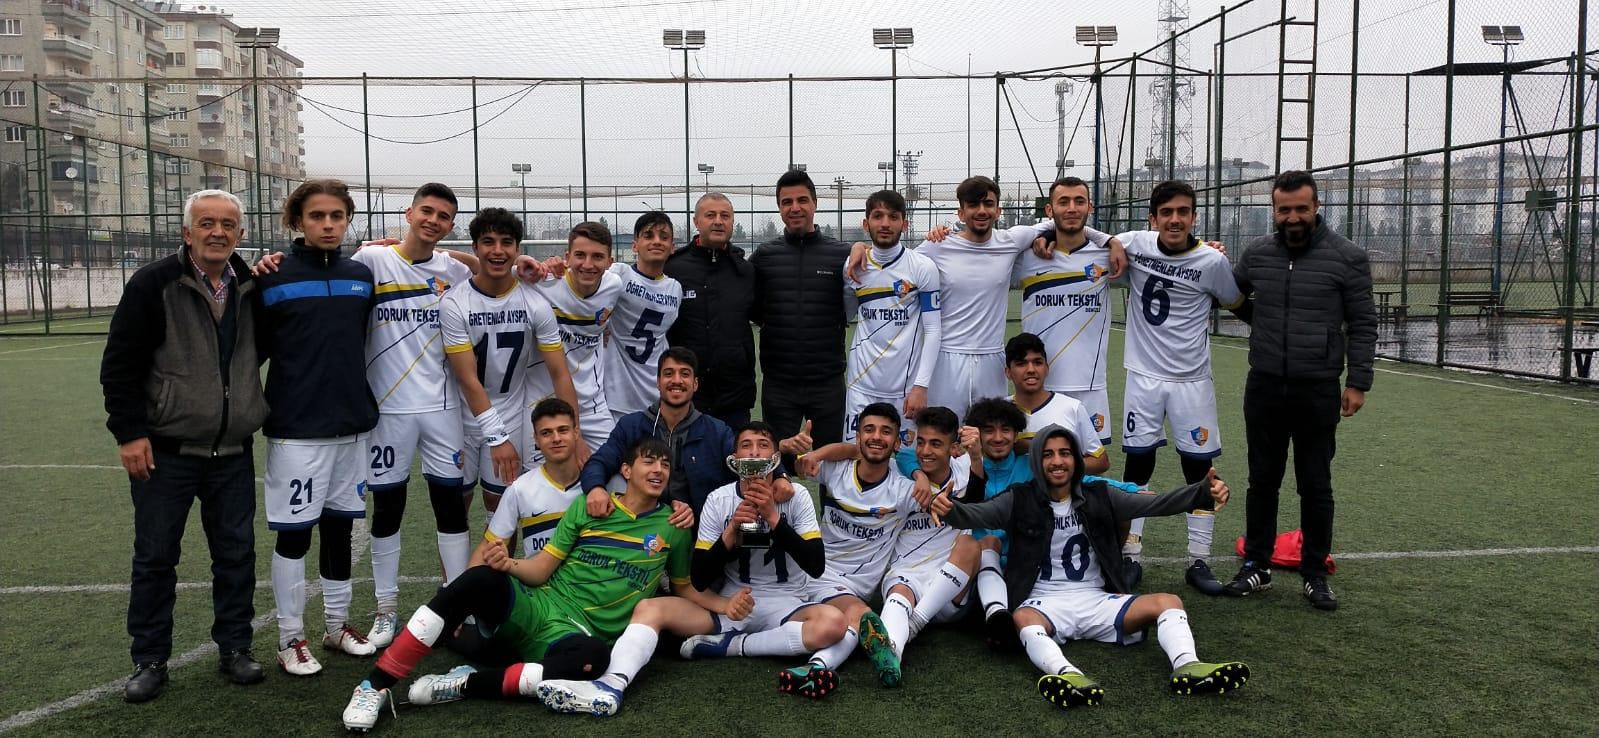 U19'da şampiyon Öğretmenler Ayspor oldu